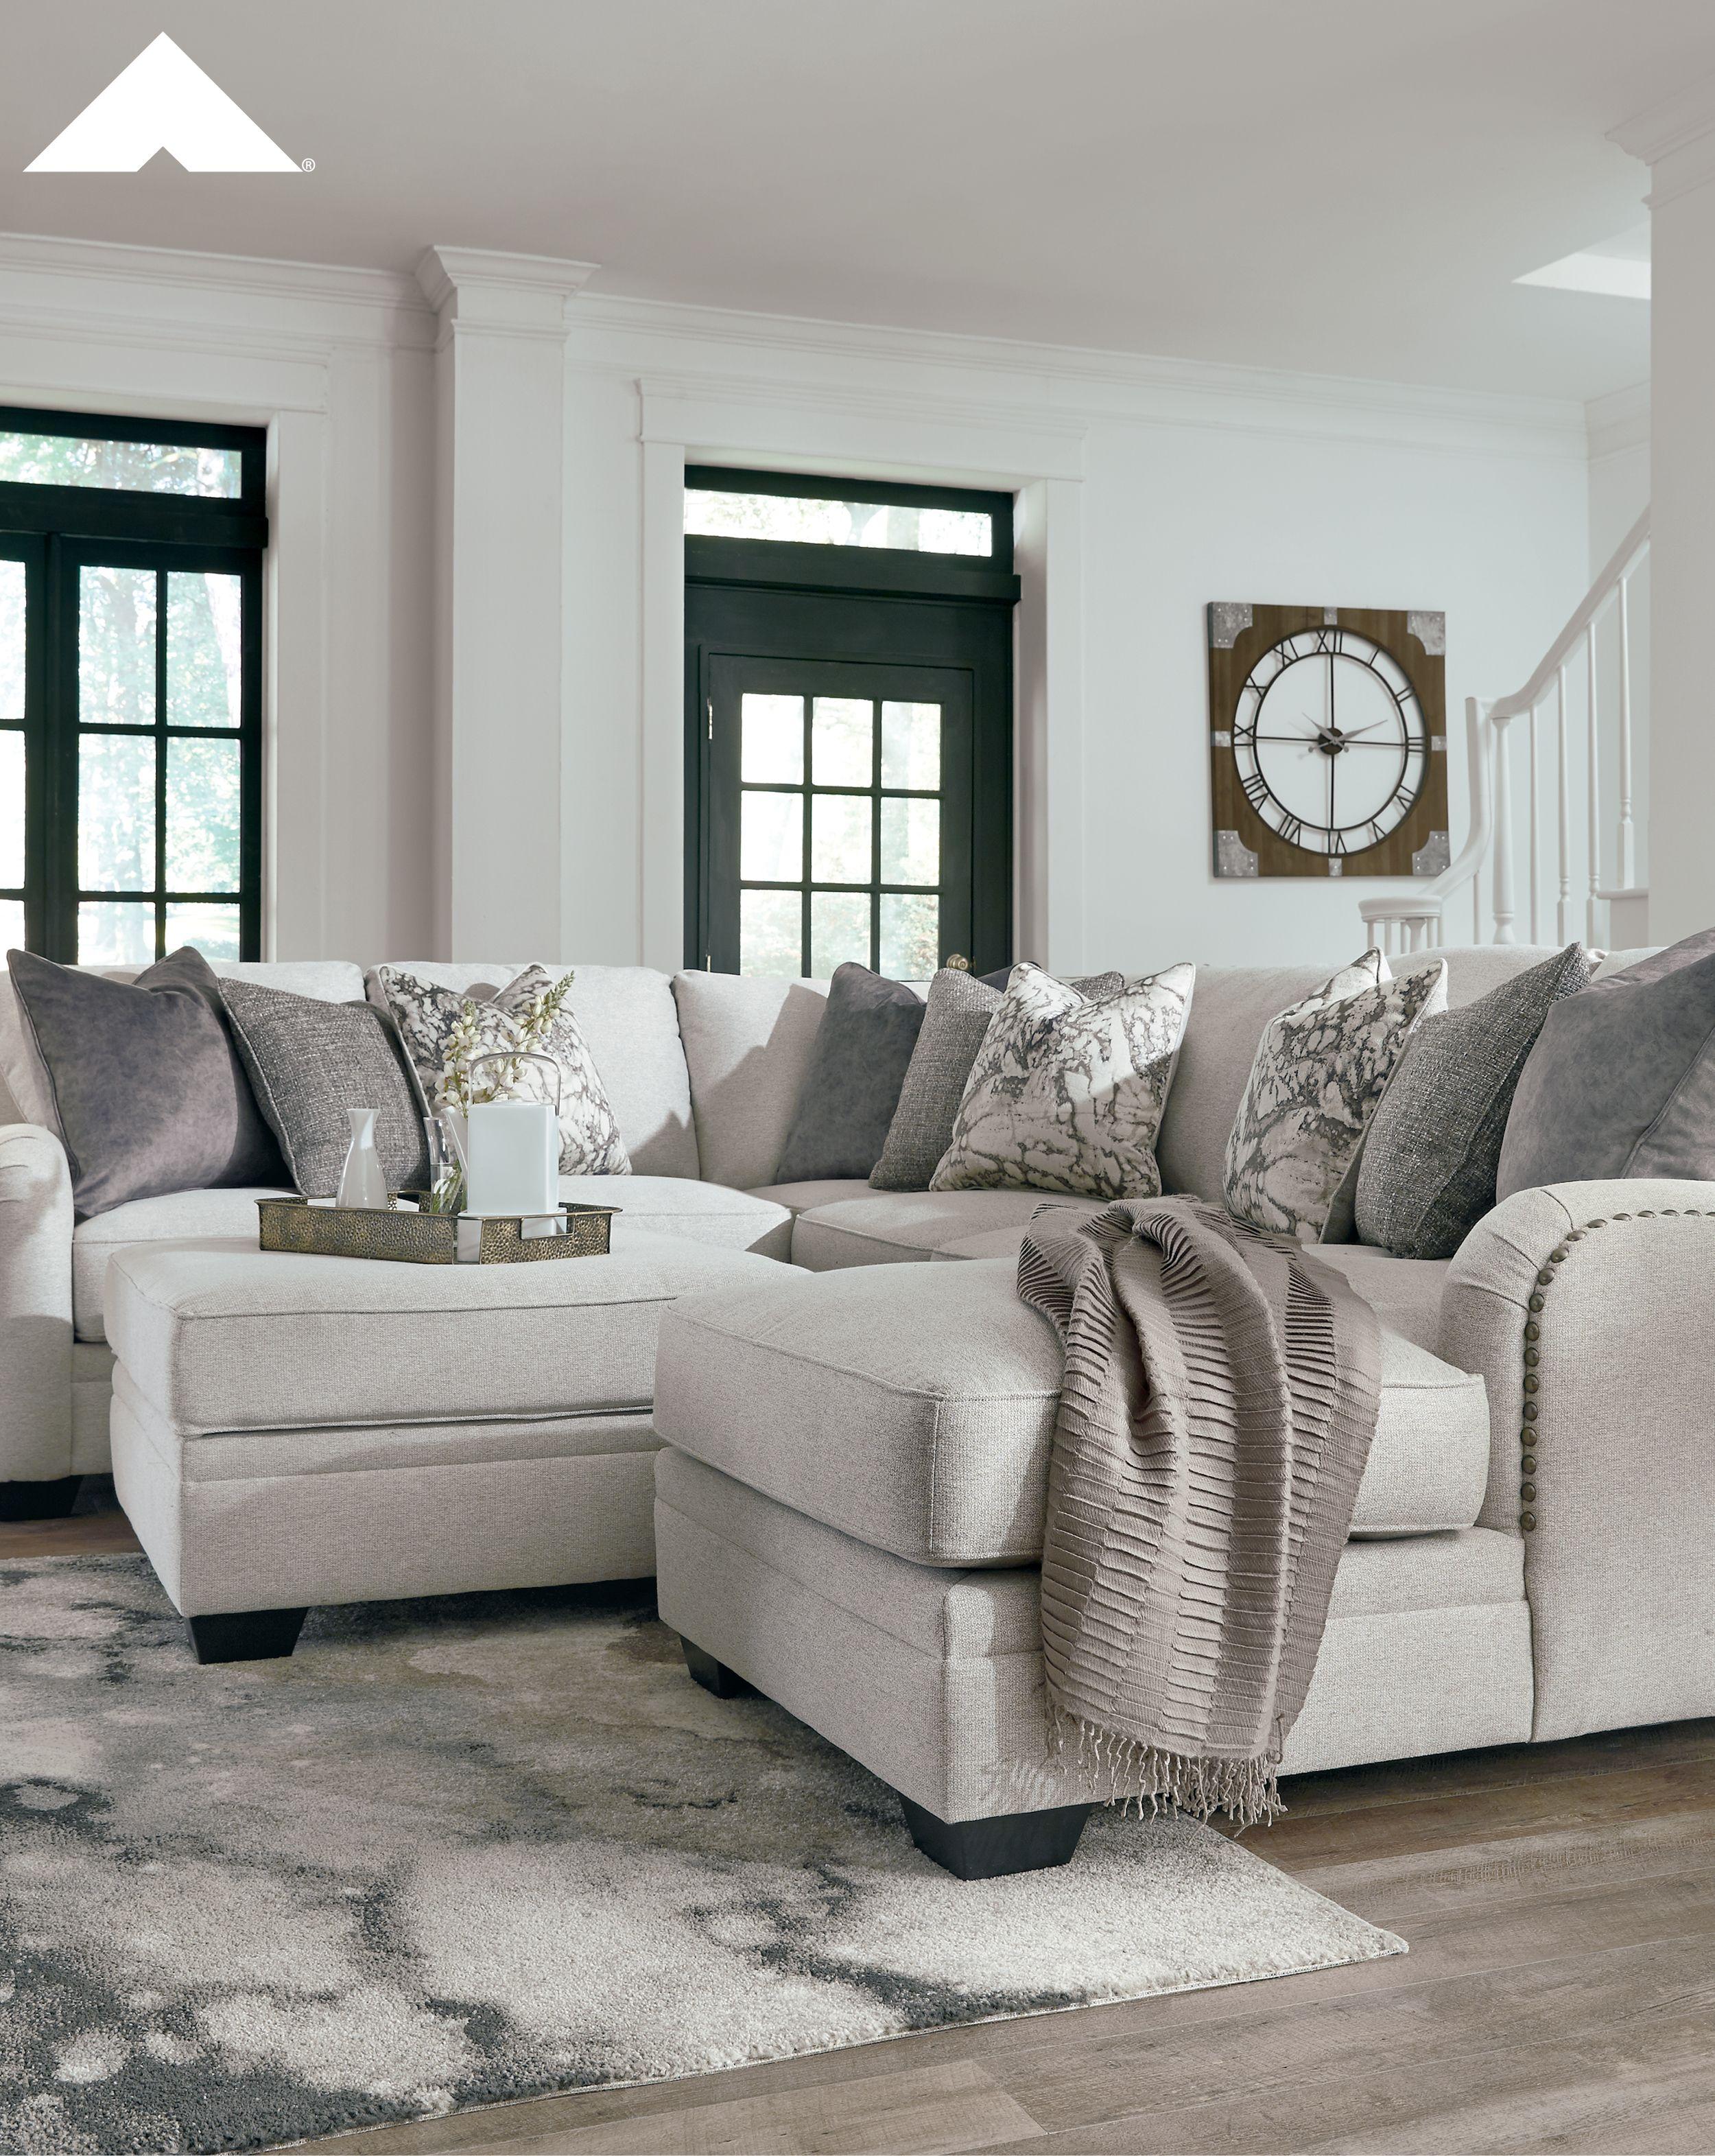 Dellara Chalk Ottoman With Storage By Ashley Furniture